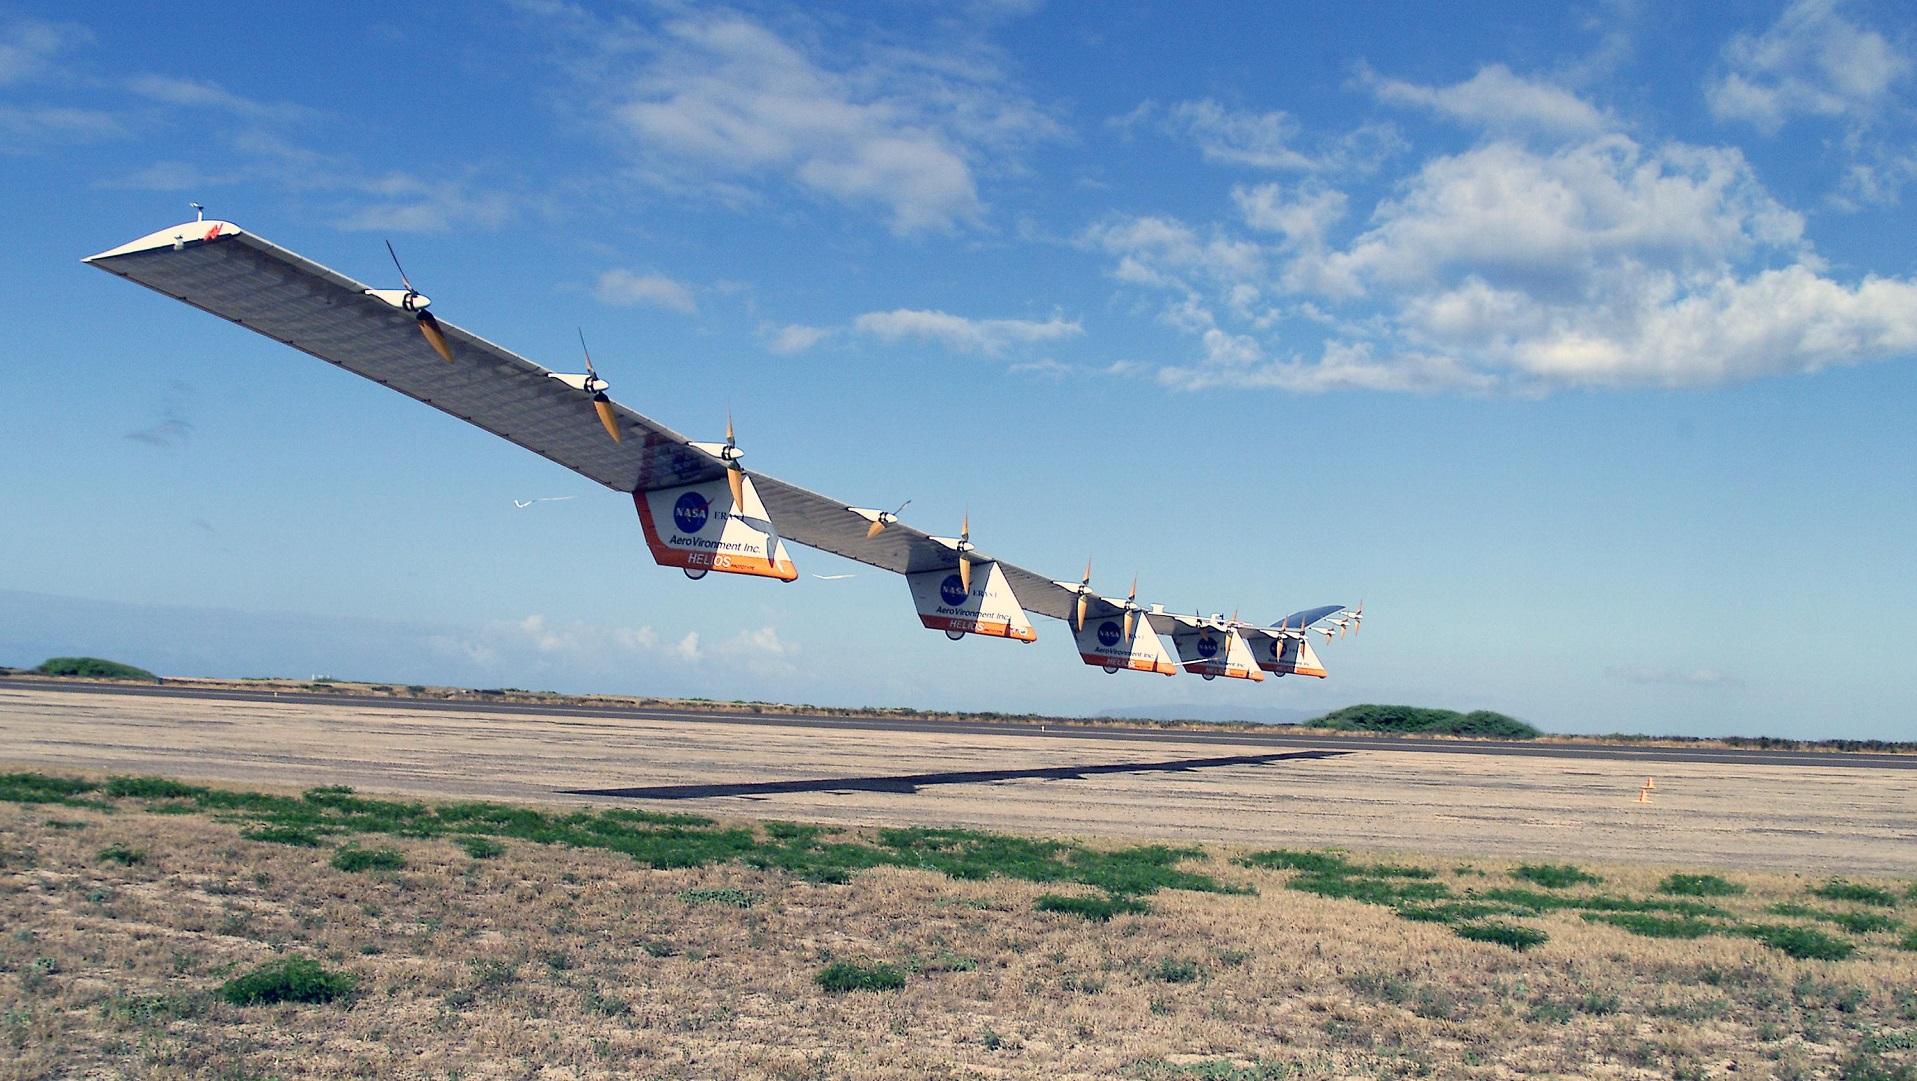 La NASA desarrolla un dron solar para conectar el espacio